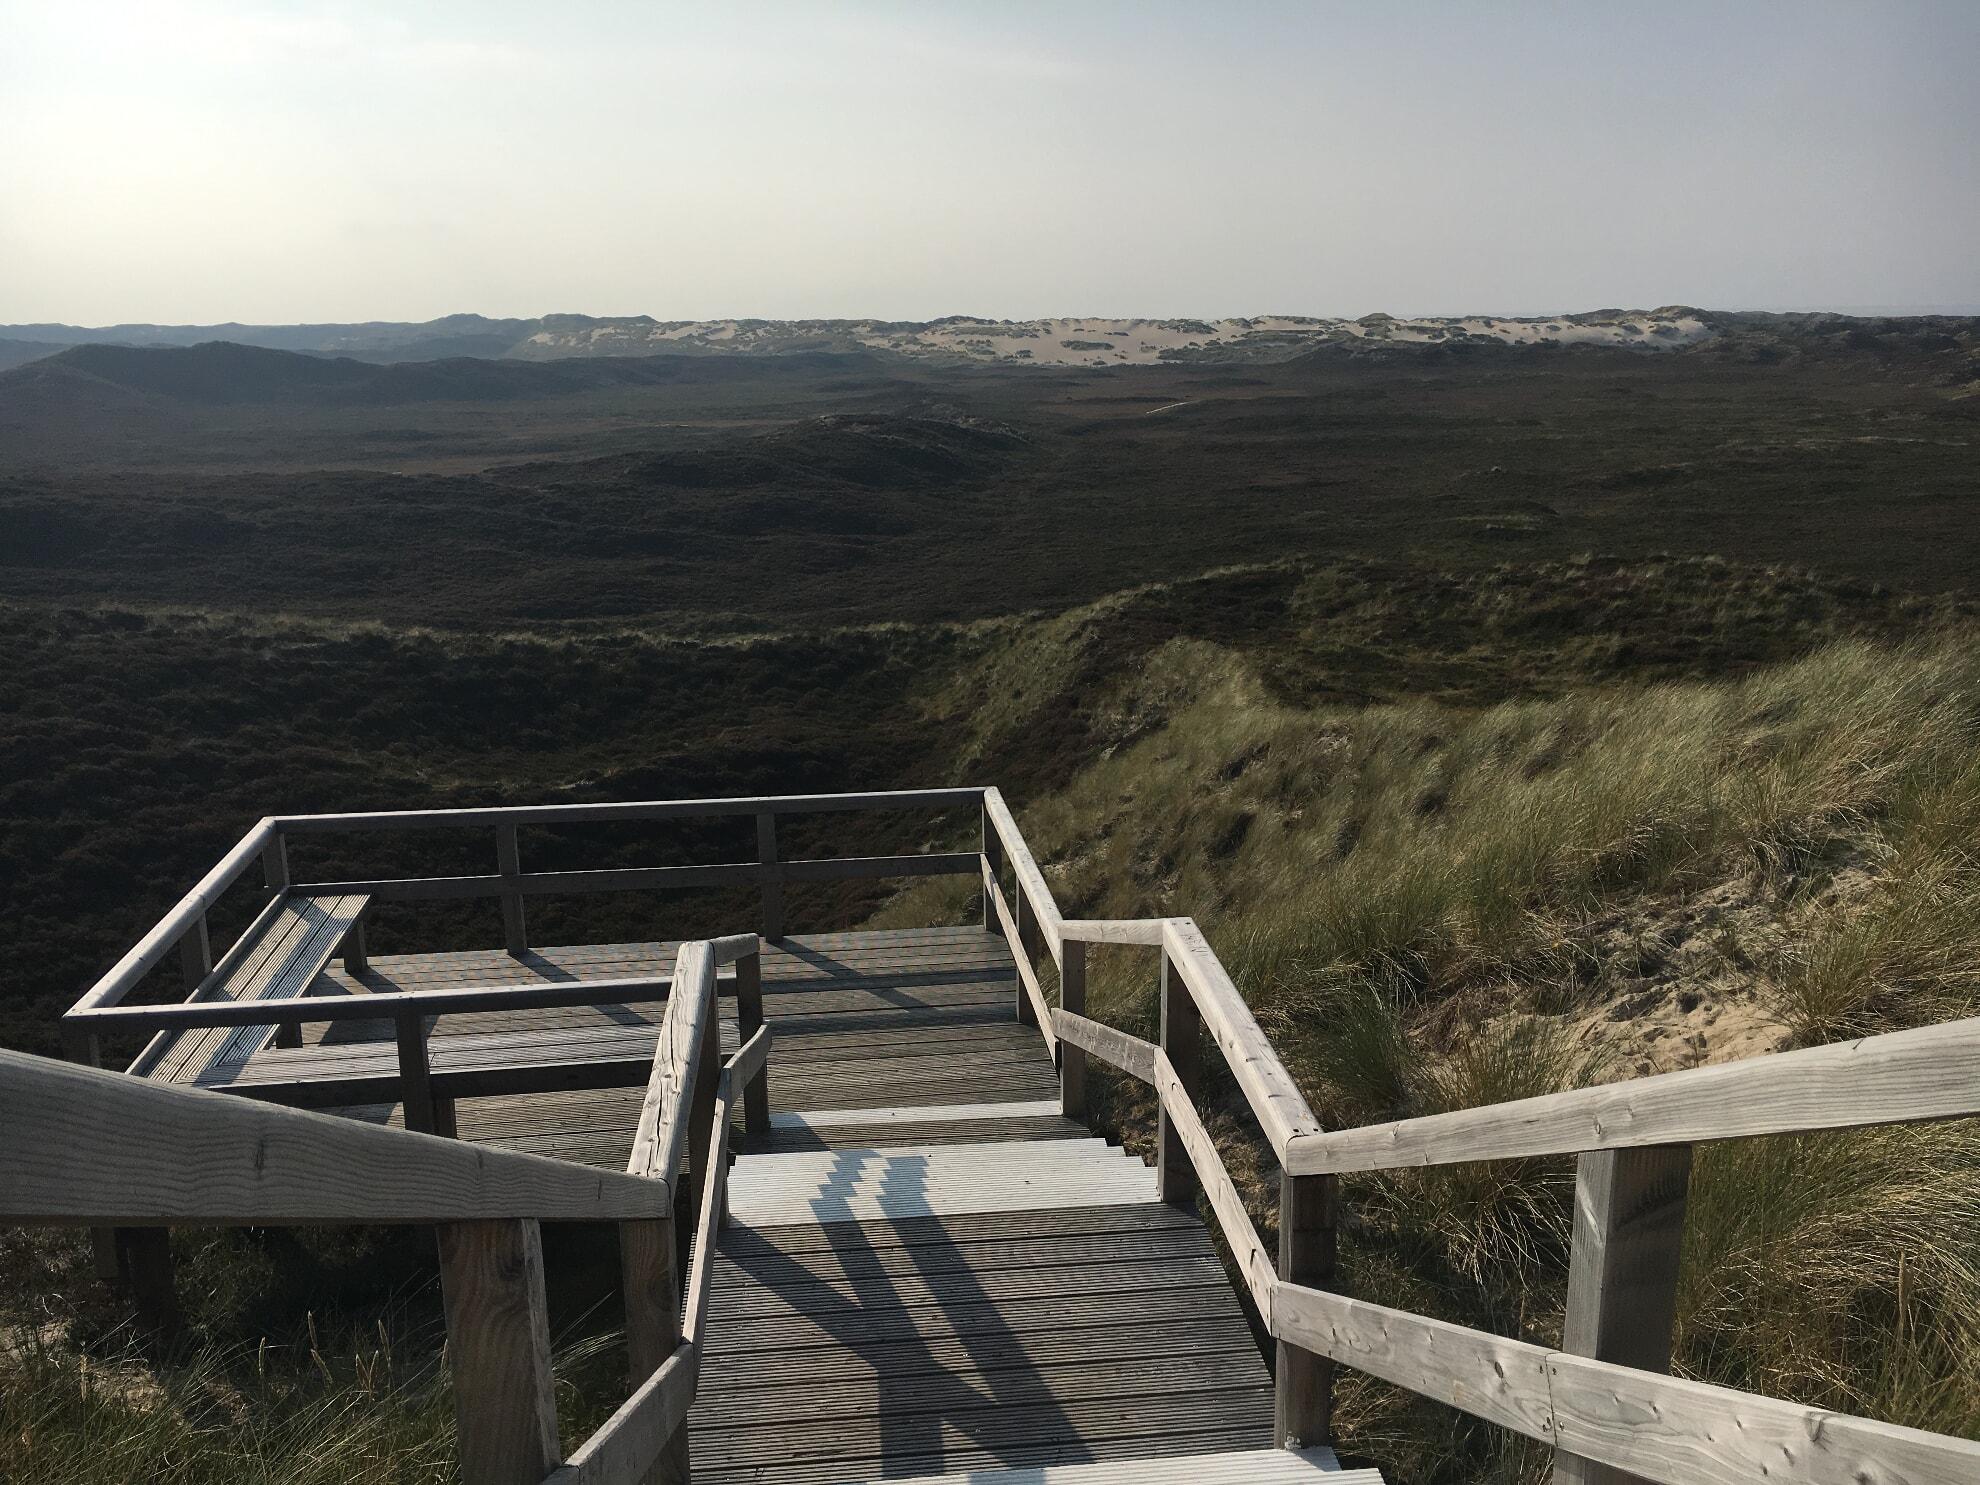 Aussichtsplattform mit Blick auf die Wanderdüne